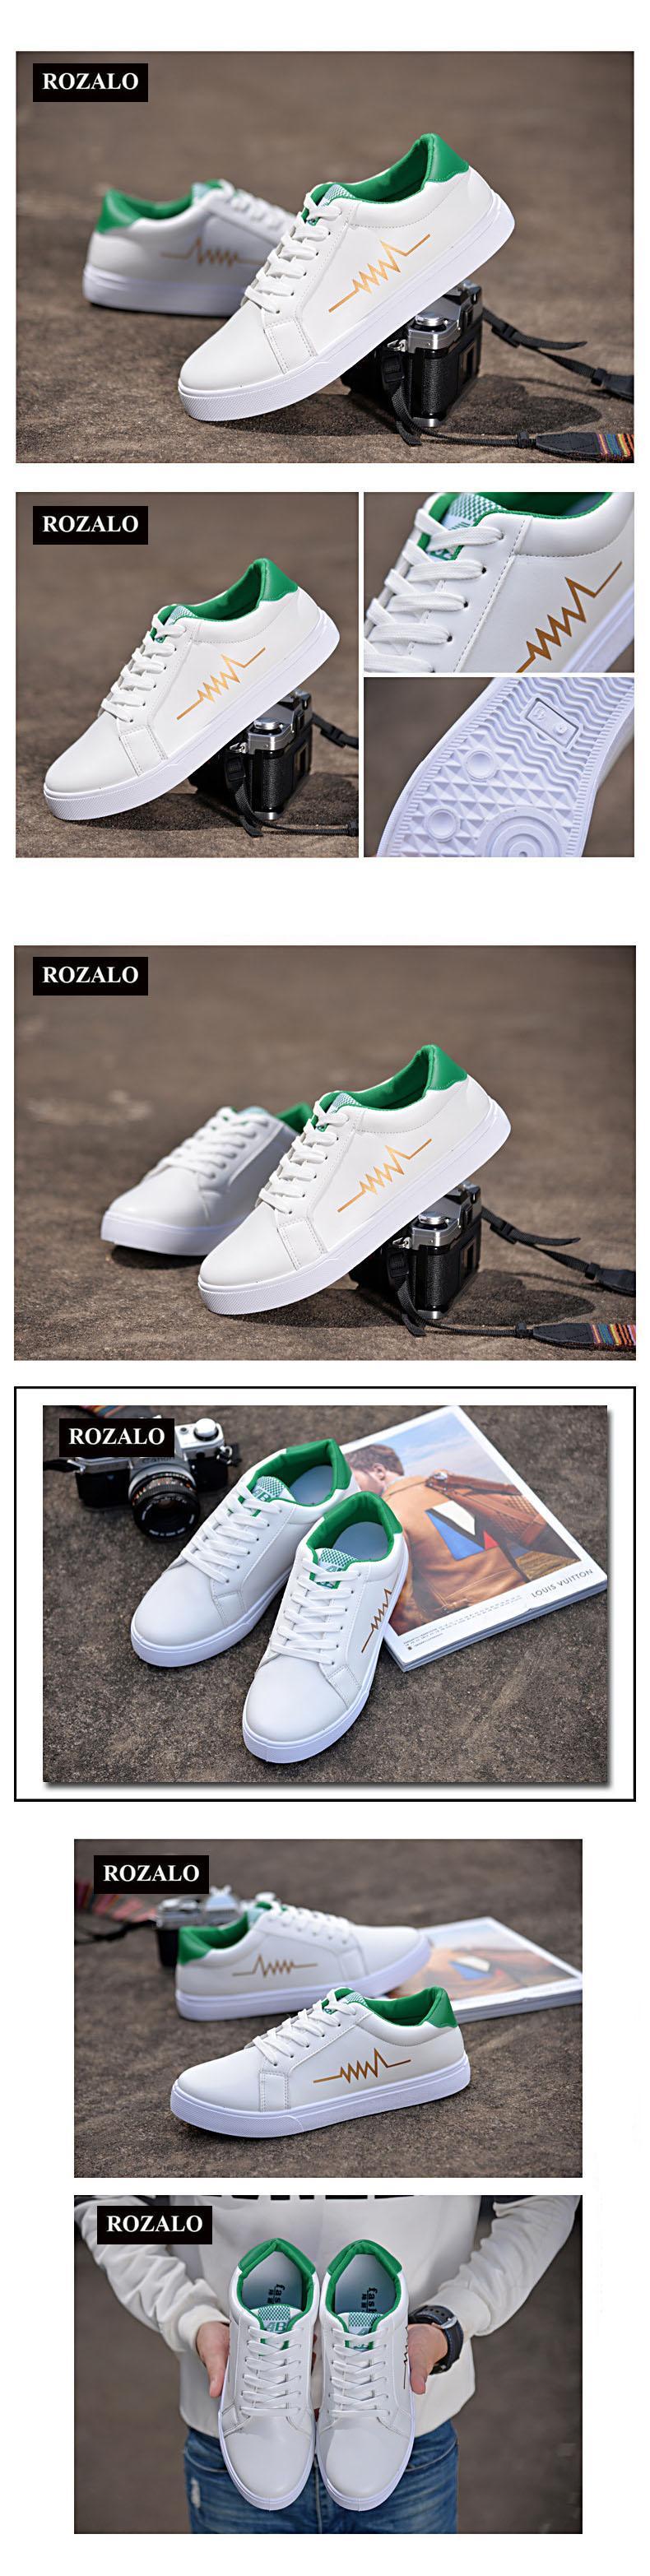 Giày da nam thời trang đế bằng dây buộc Rozalo RW3519WX-Trắng Xanh